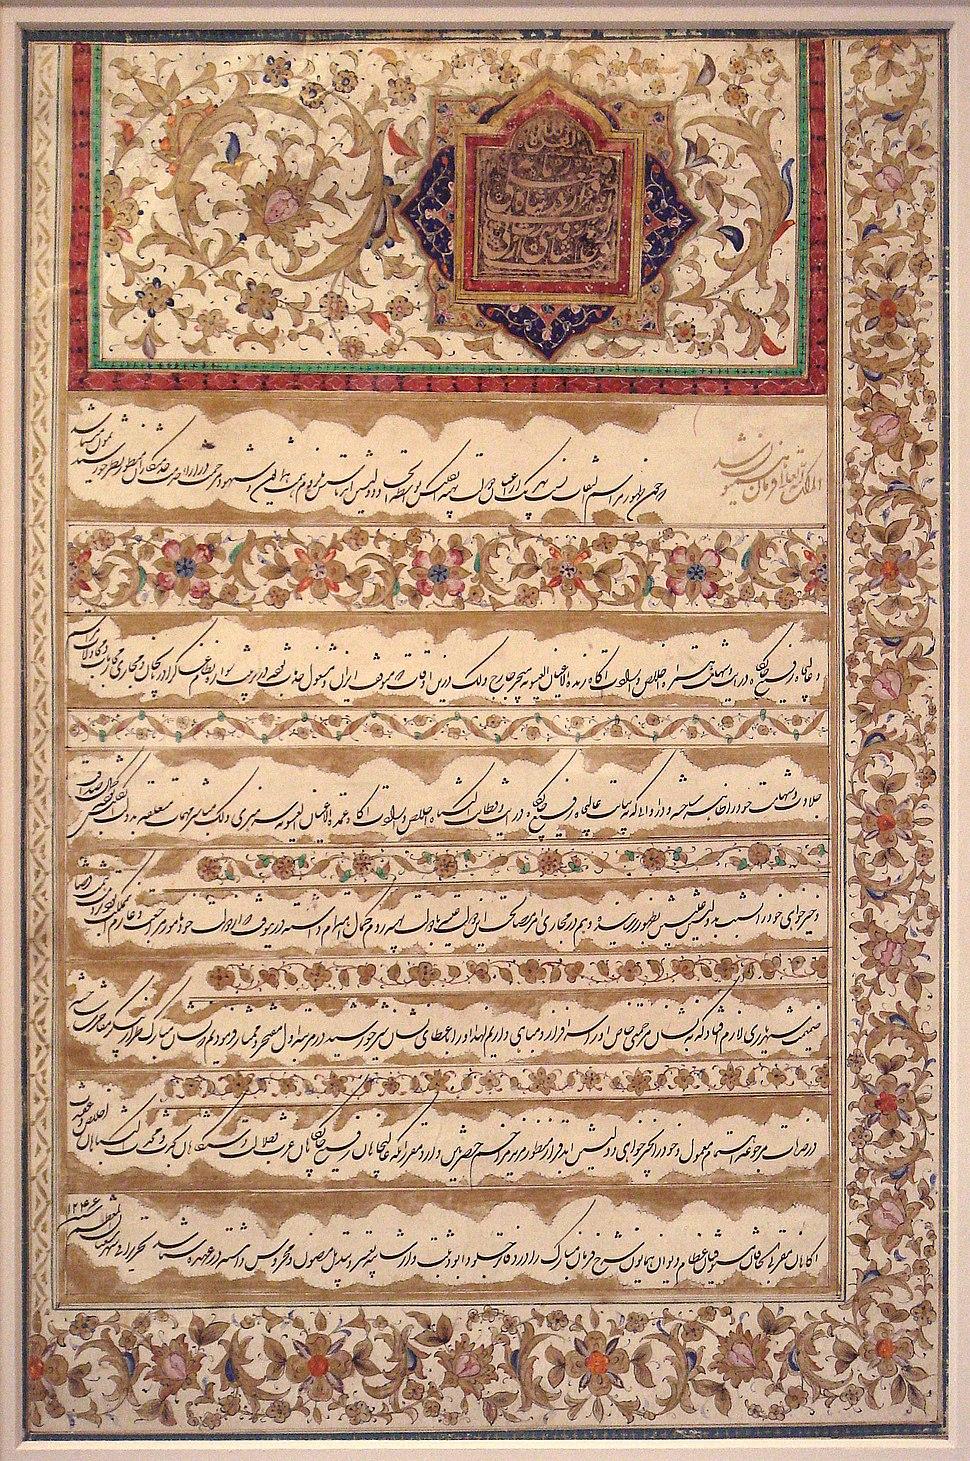 Fath Ali Shah Qajar Firman in Shikasta Nastaliq script January 1831